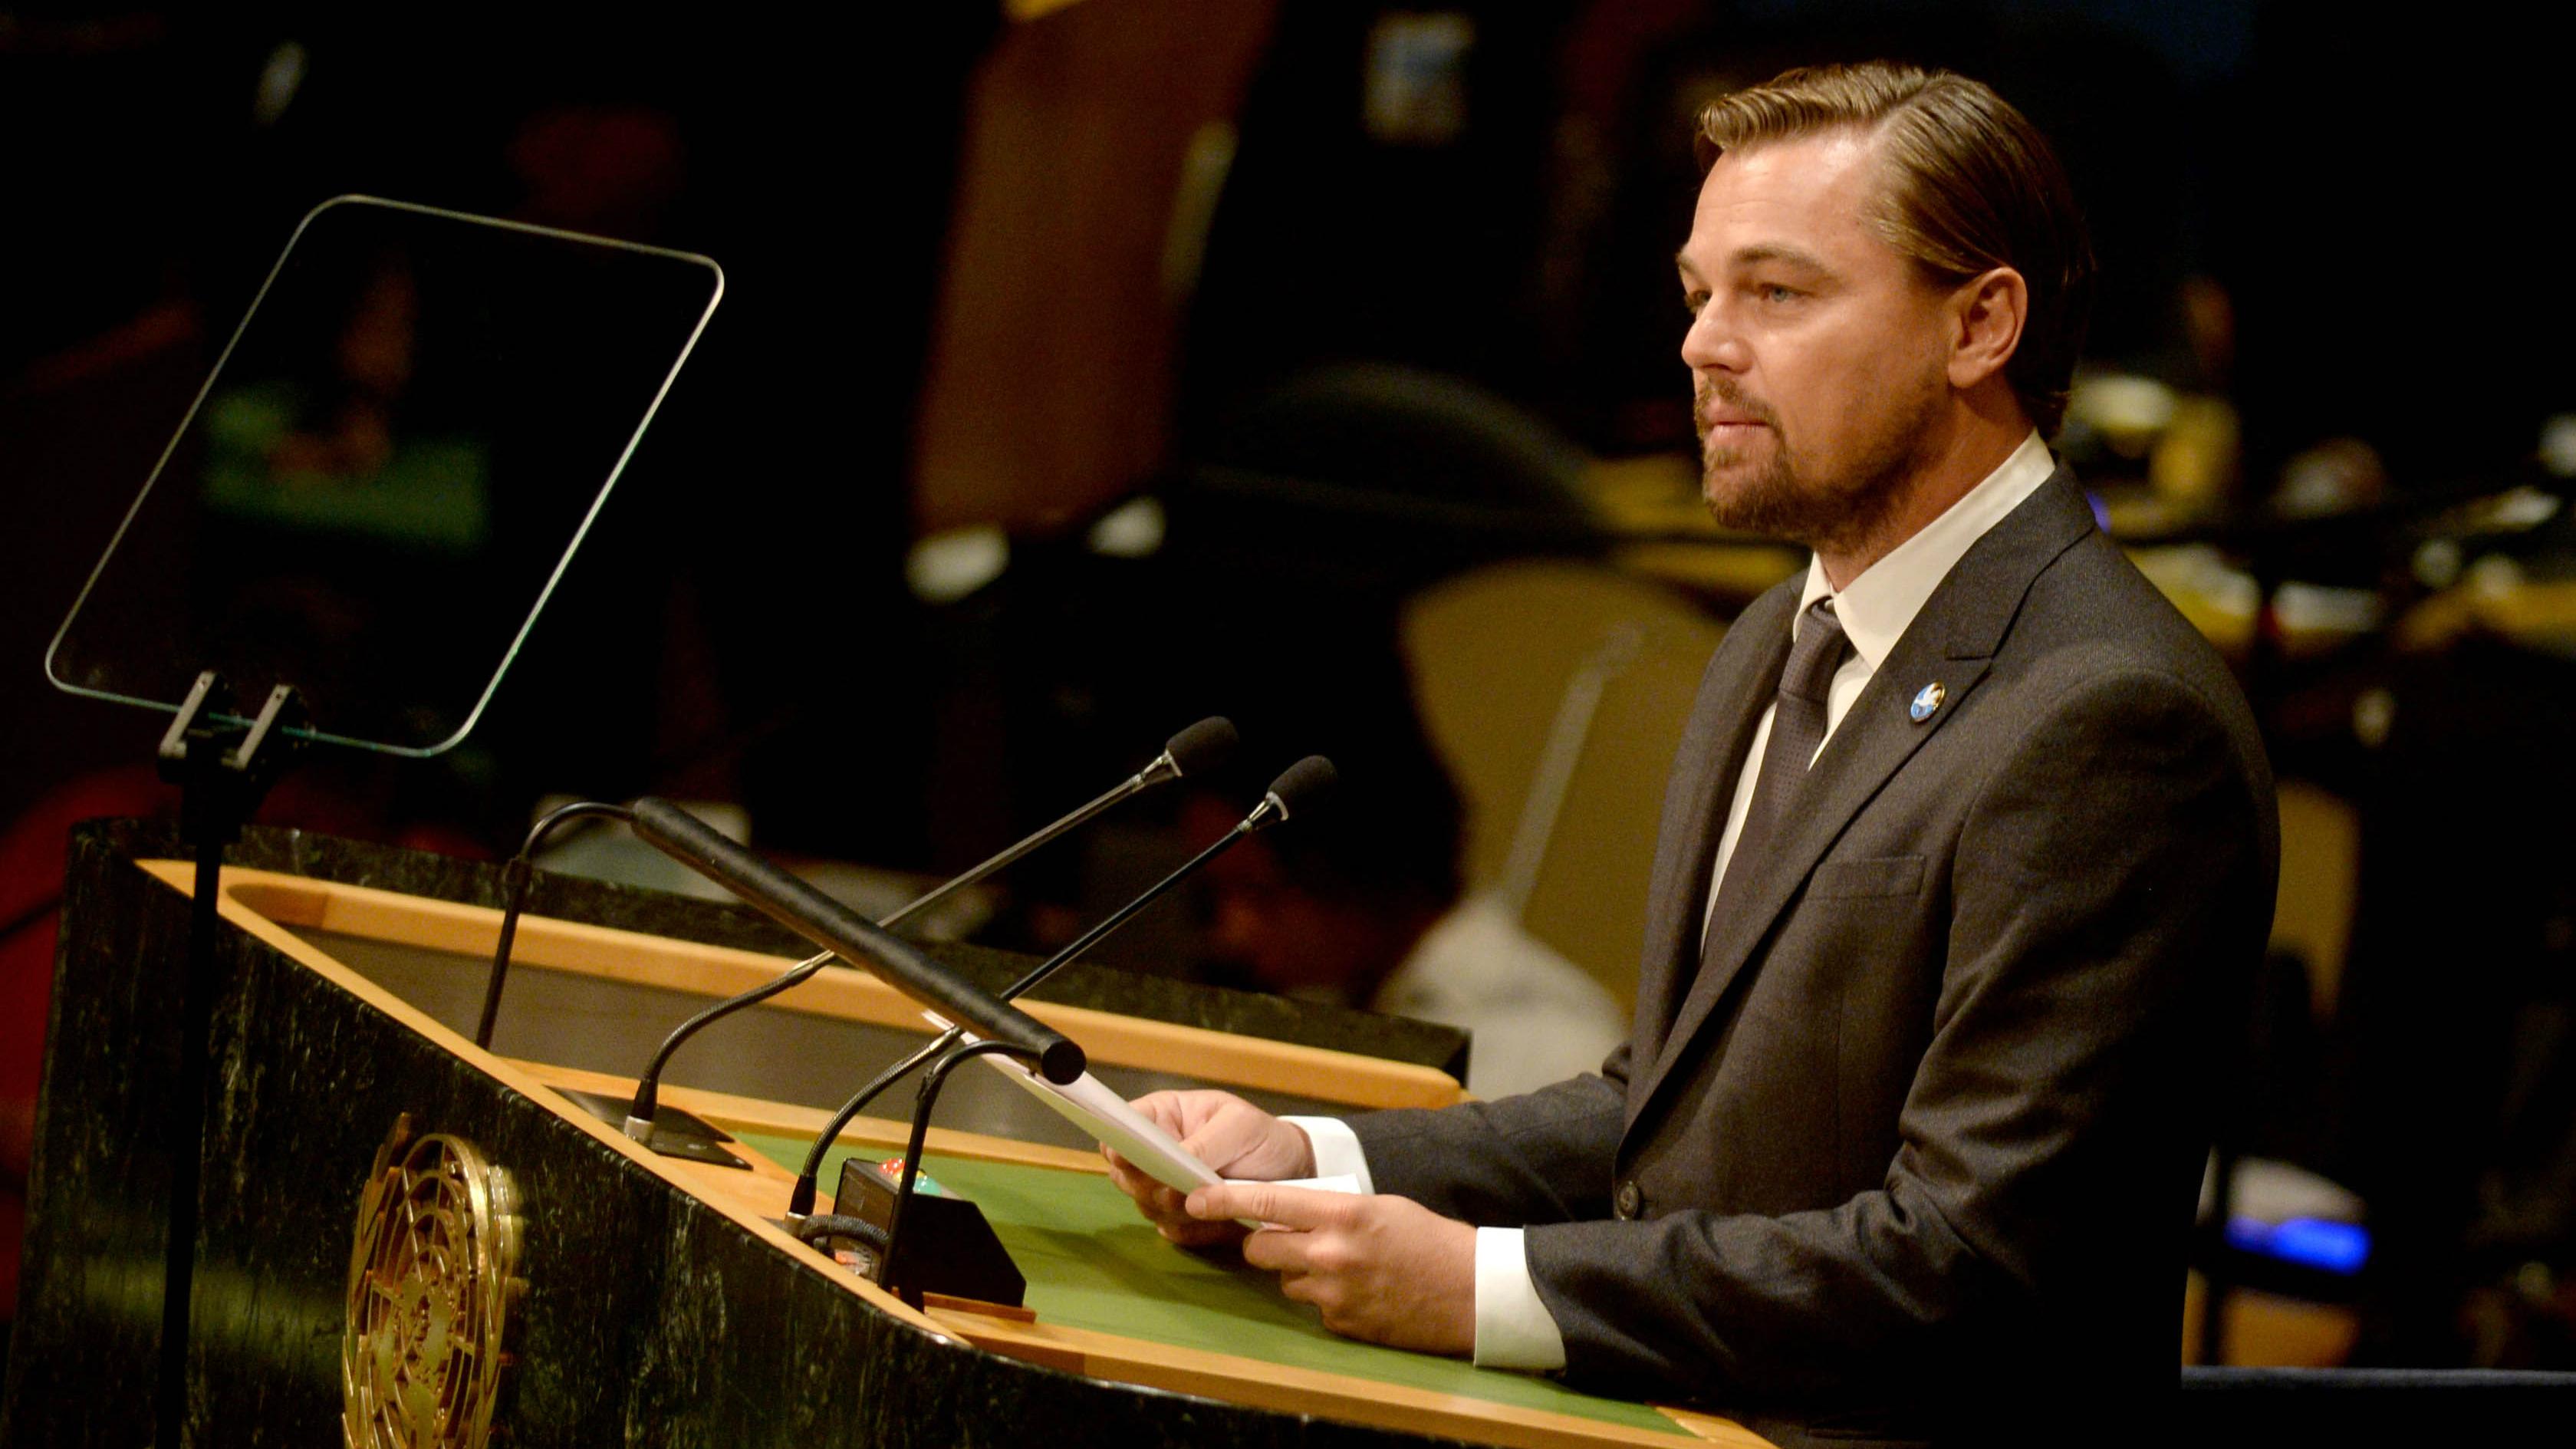 Leonardo DiCaprio speaking at a lectern